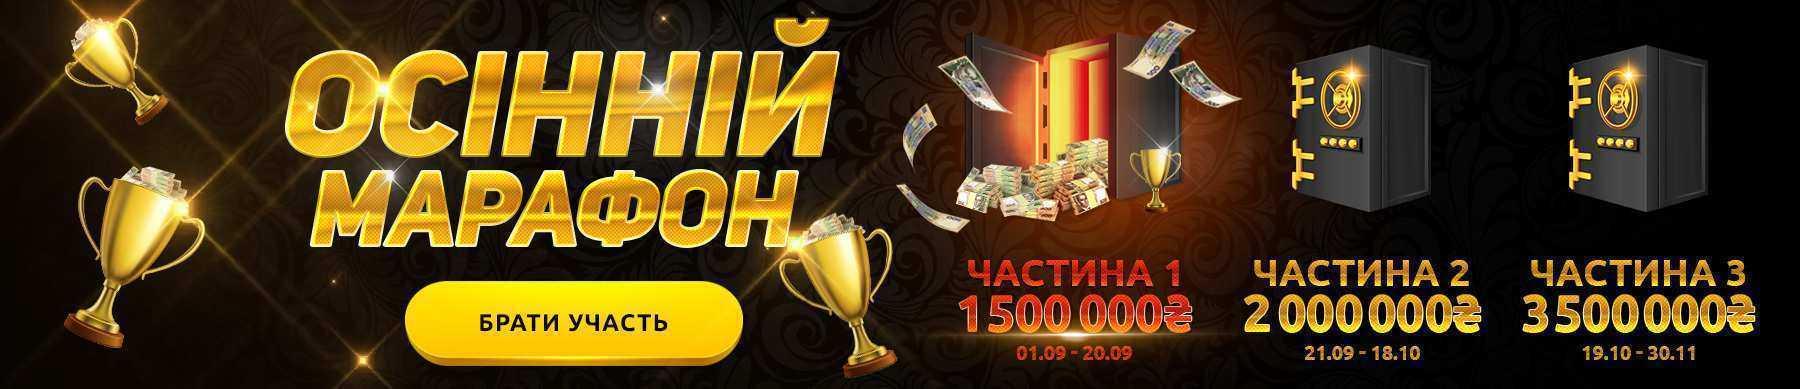 Официальный сайт итальянской лотереи superenalotto – билеты и результаты, отзывы и возможность играть на русском | big lottos